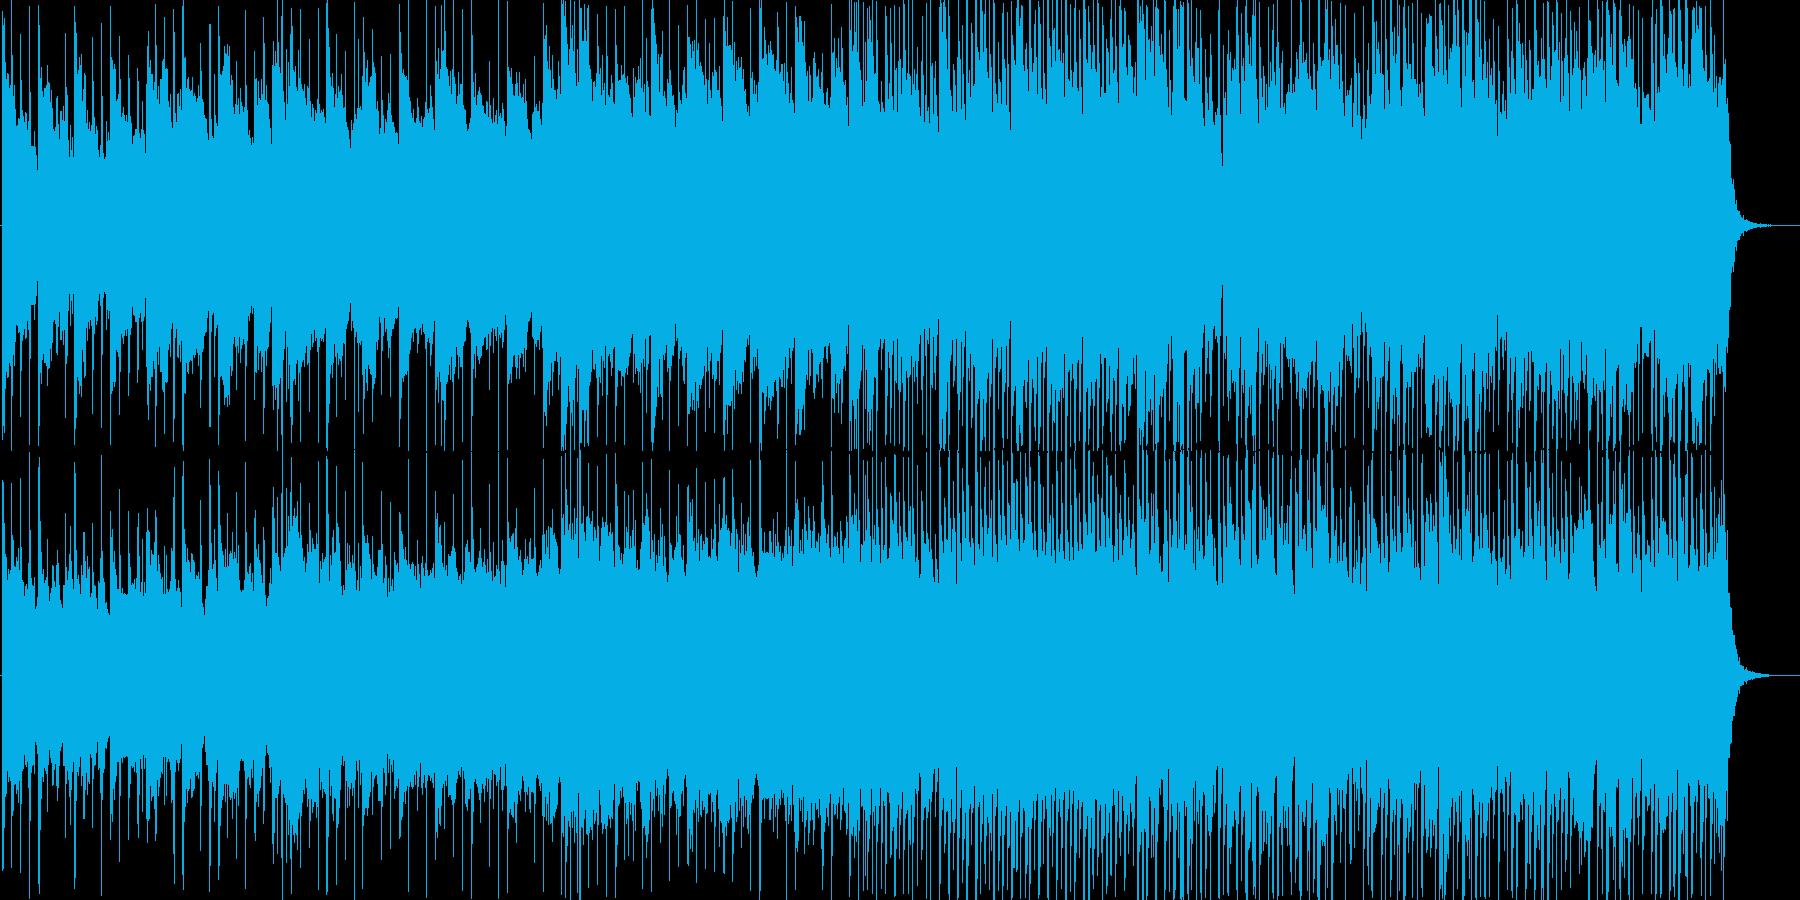 Life系のびやかなバンドサウンドの再生済みの波形